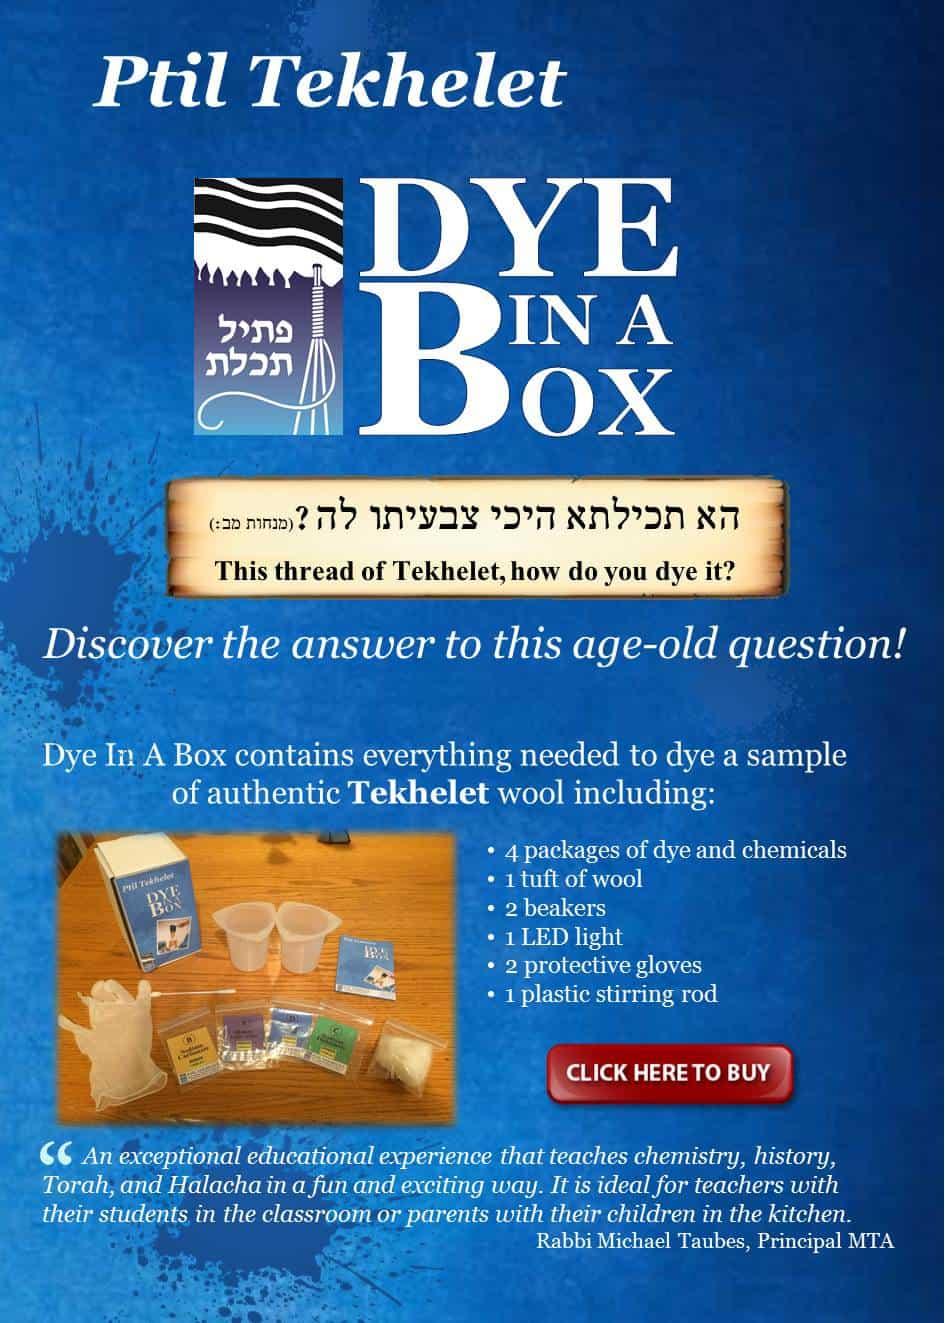 DyInABoxLandingPage1